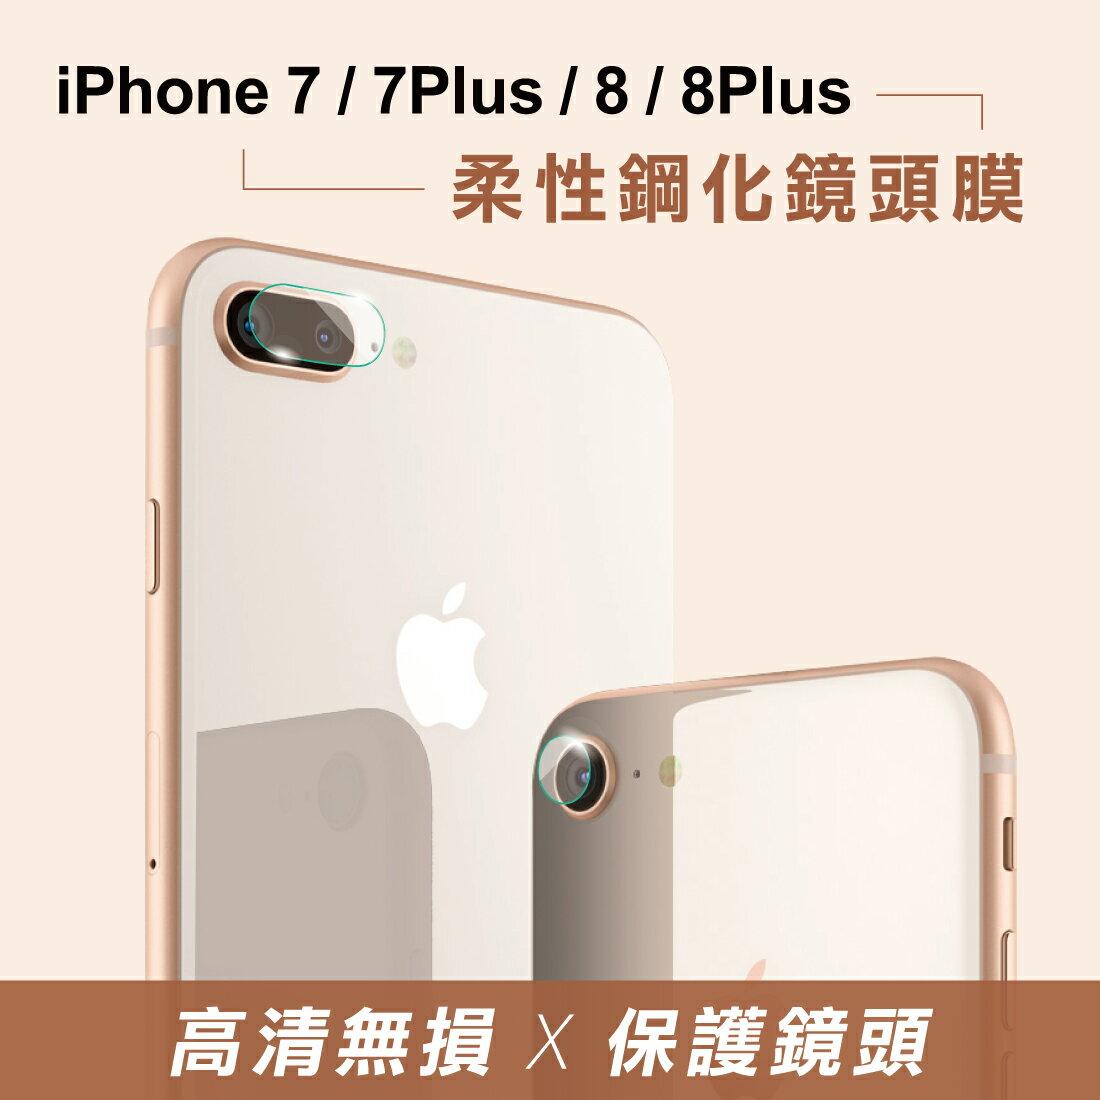 鏡頭 保護 iPhone 8 7 Plus 後鏡頭 無損 高清 鋼化 玻璃 保護貼 另售 保護框 指紋貼 螢幕保護貼 全館滿299免運費